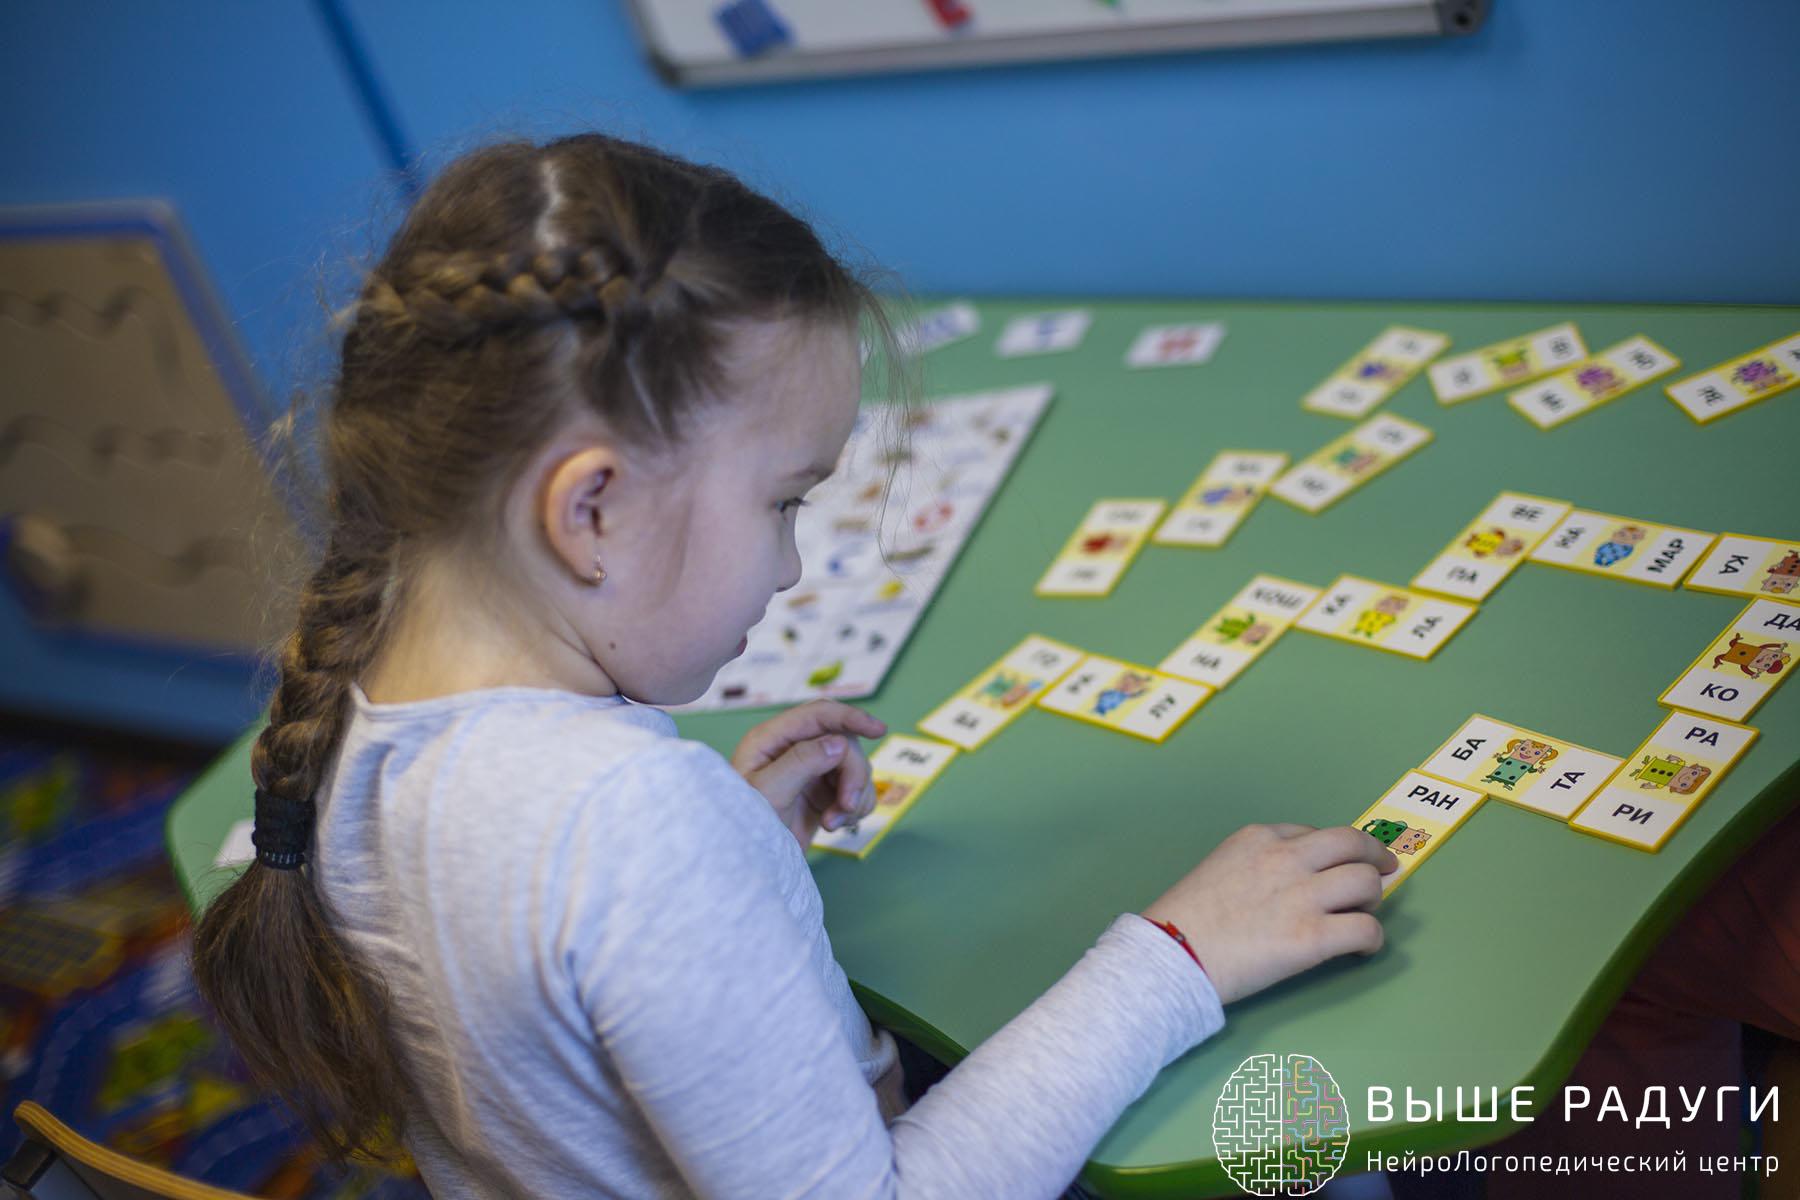 Когда обращаться к логопеду: 14 причин для консультации со специалистом — логопедом по вопросам развития ребенка